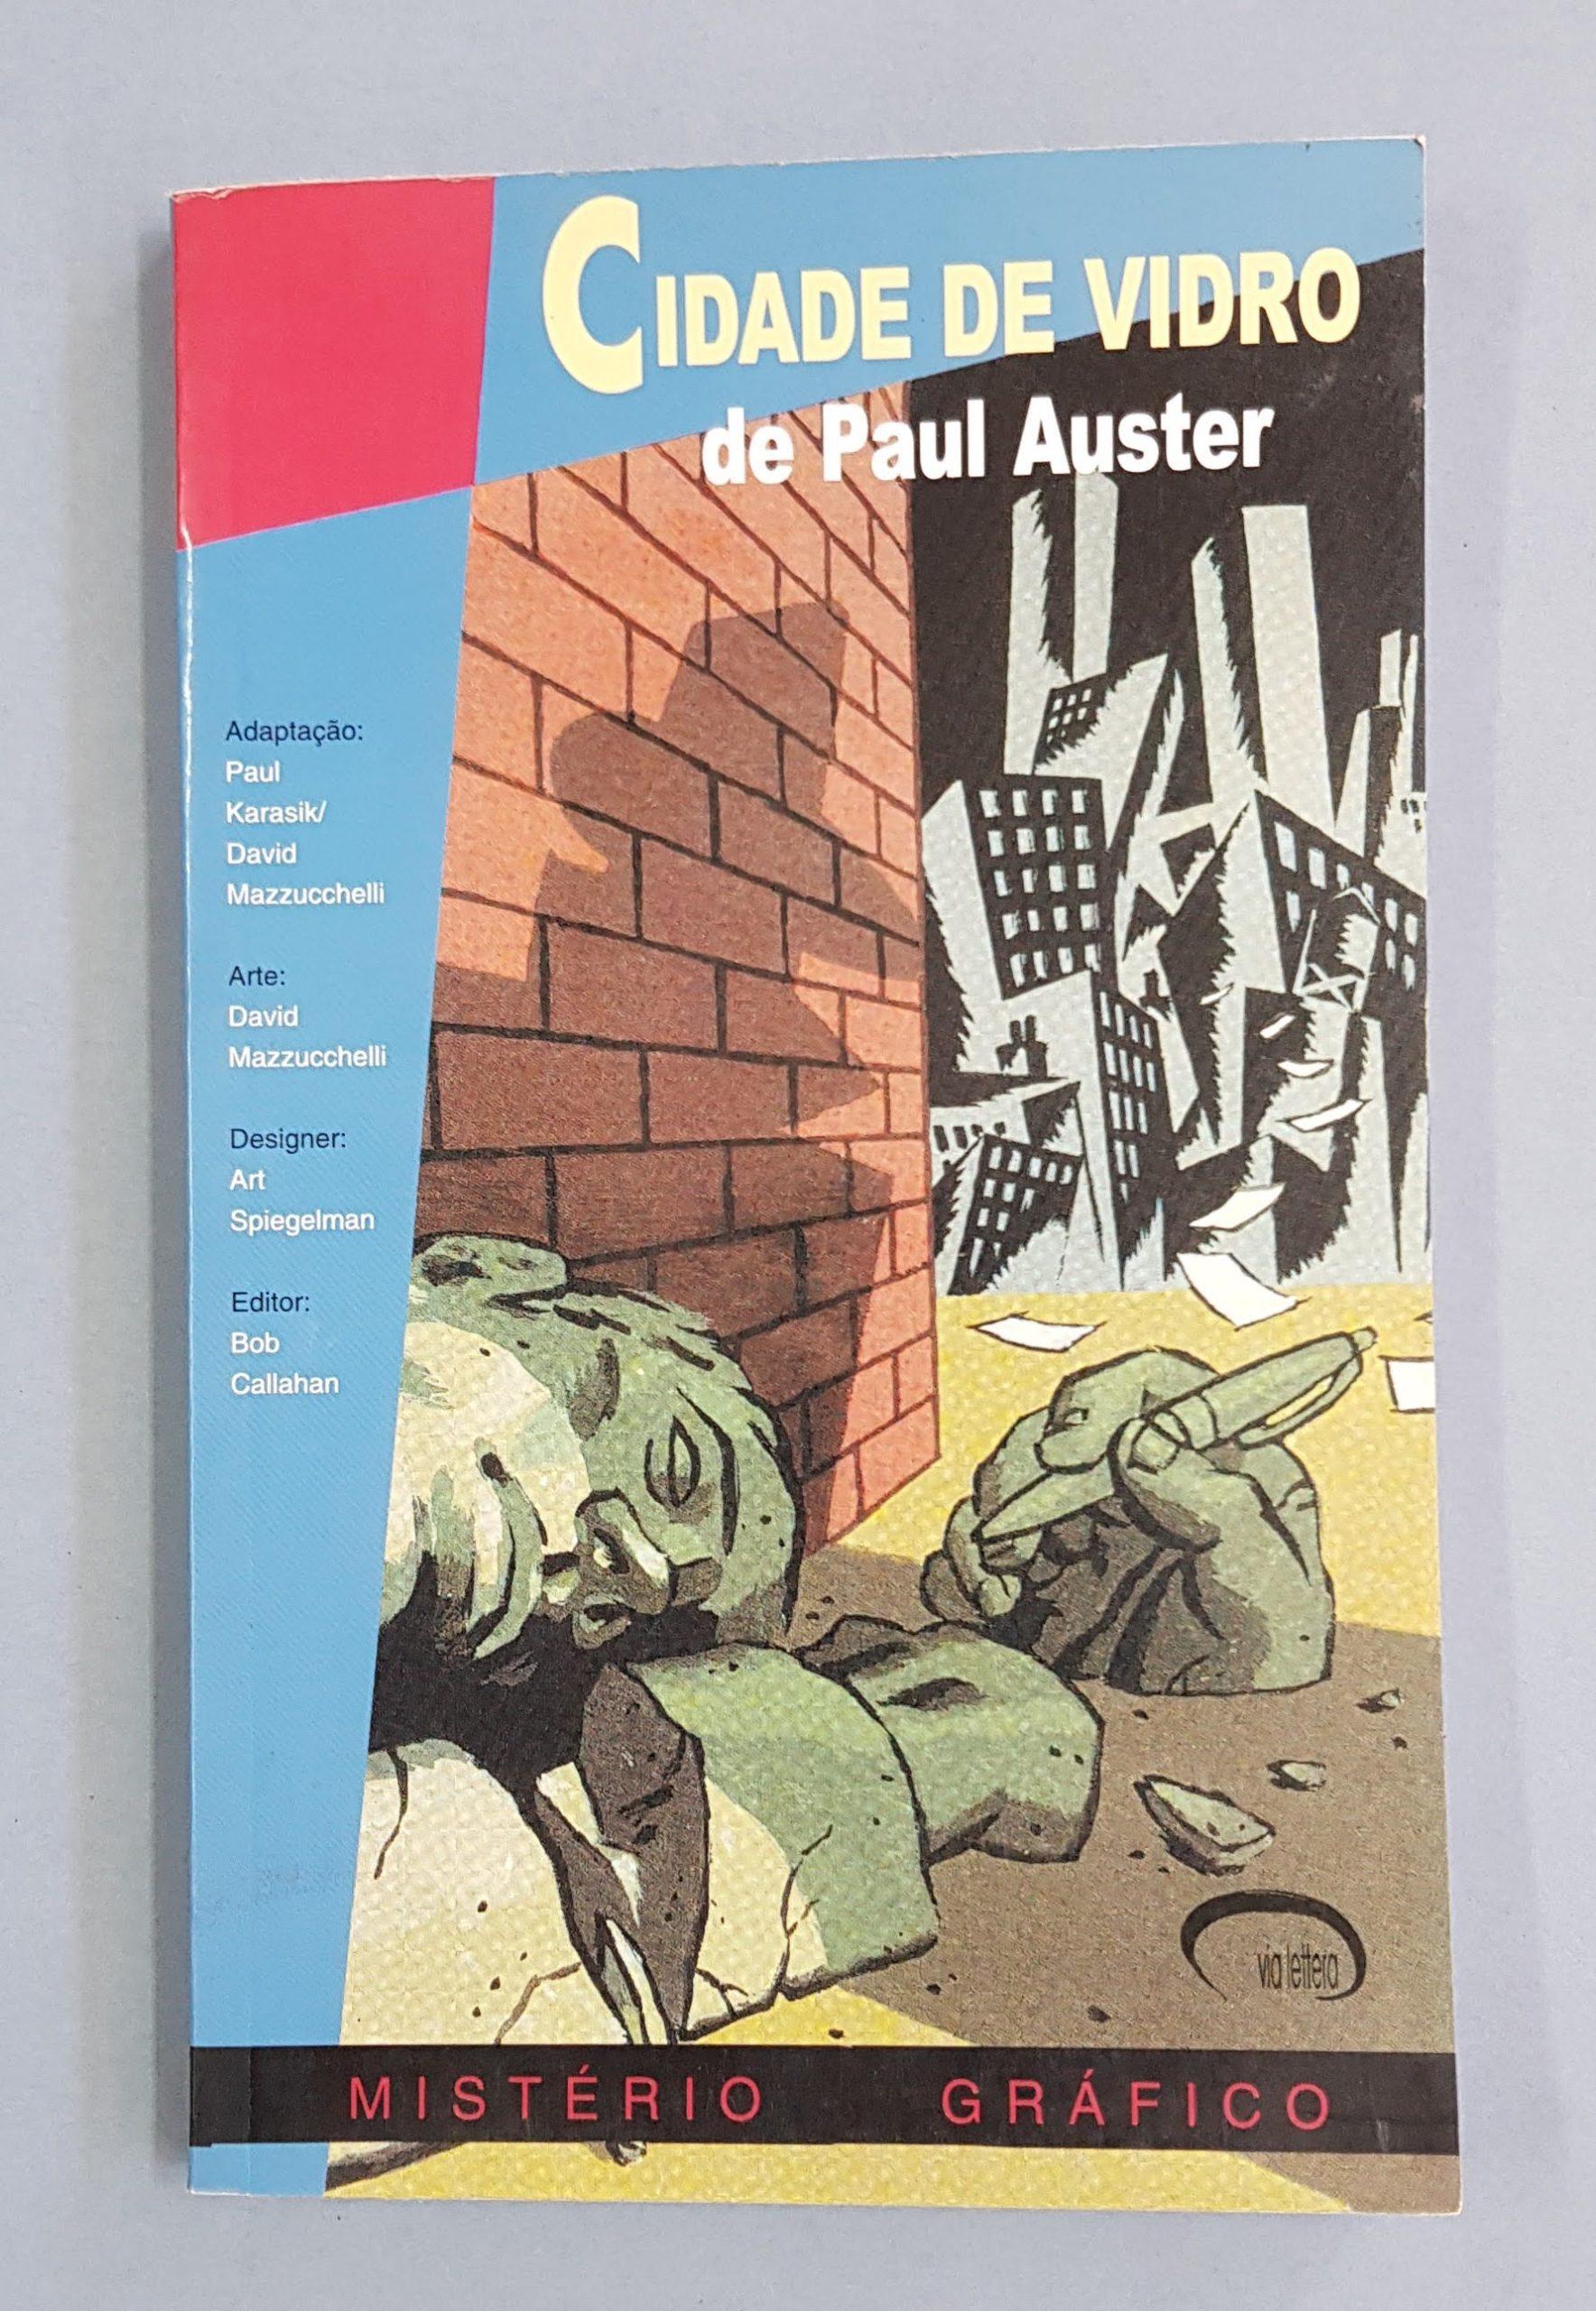 CIDADE DE VIDRO (PAUL AUSTER)